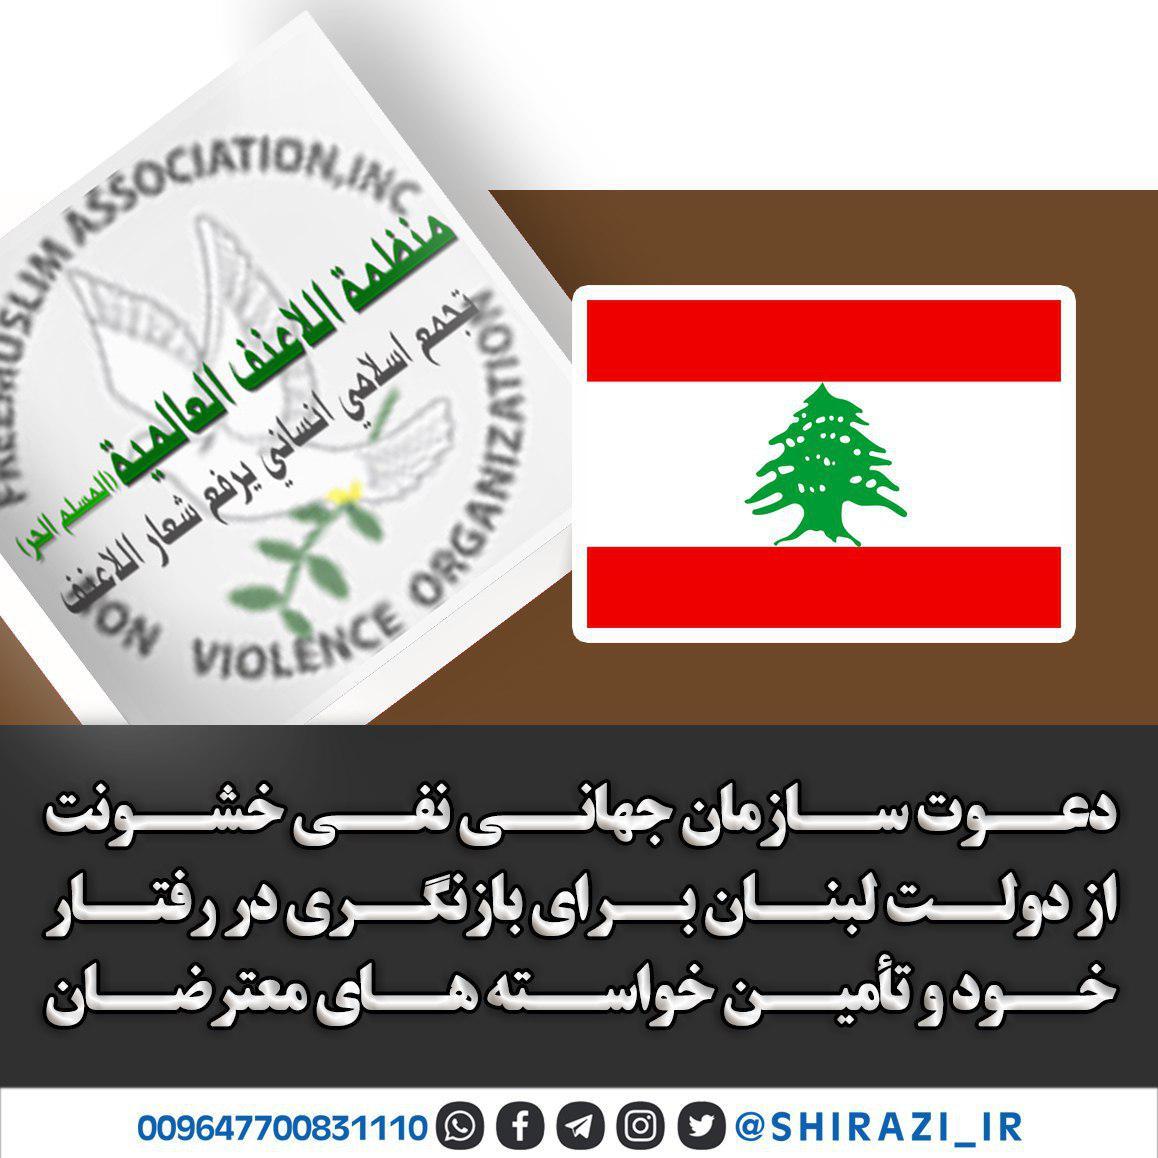 تصویر دعوت سازمان جهانی نفی خشونت از حکومت لبنان برای بازنگری در رفتار خود و تأمين خواسته های معترضان